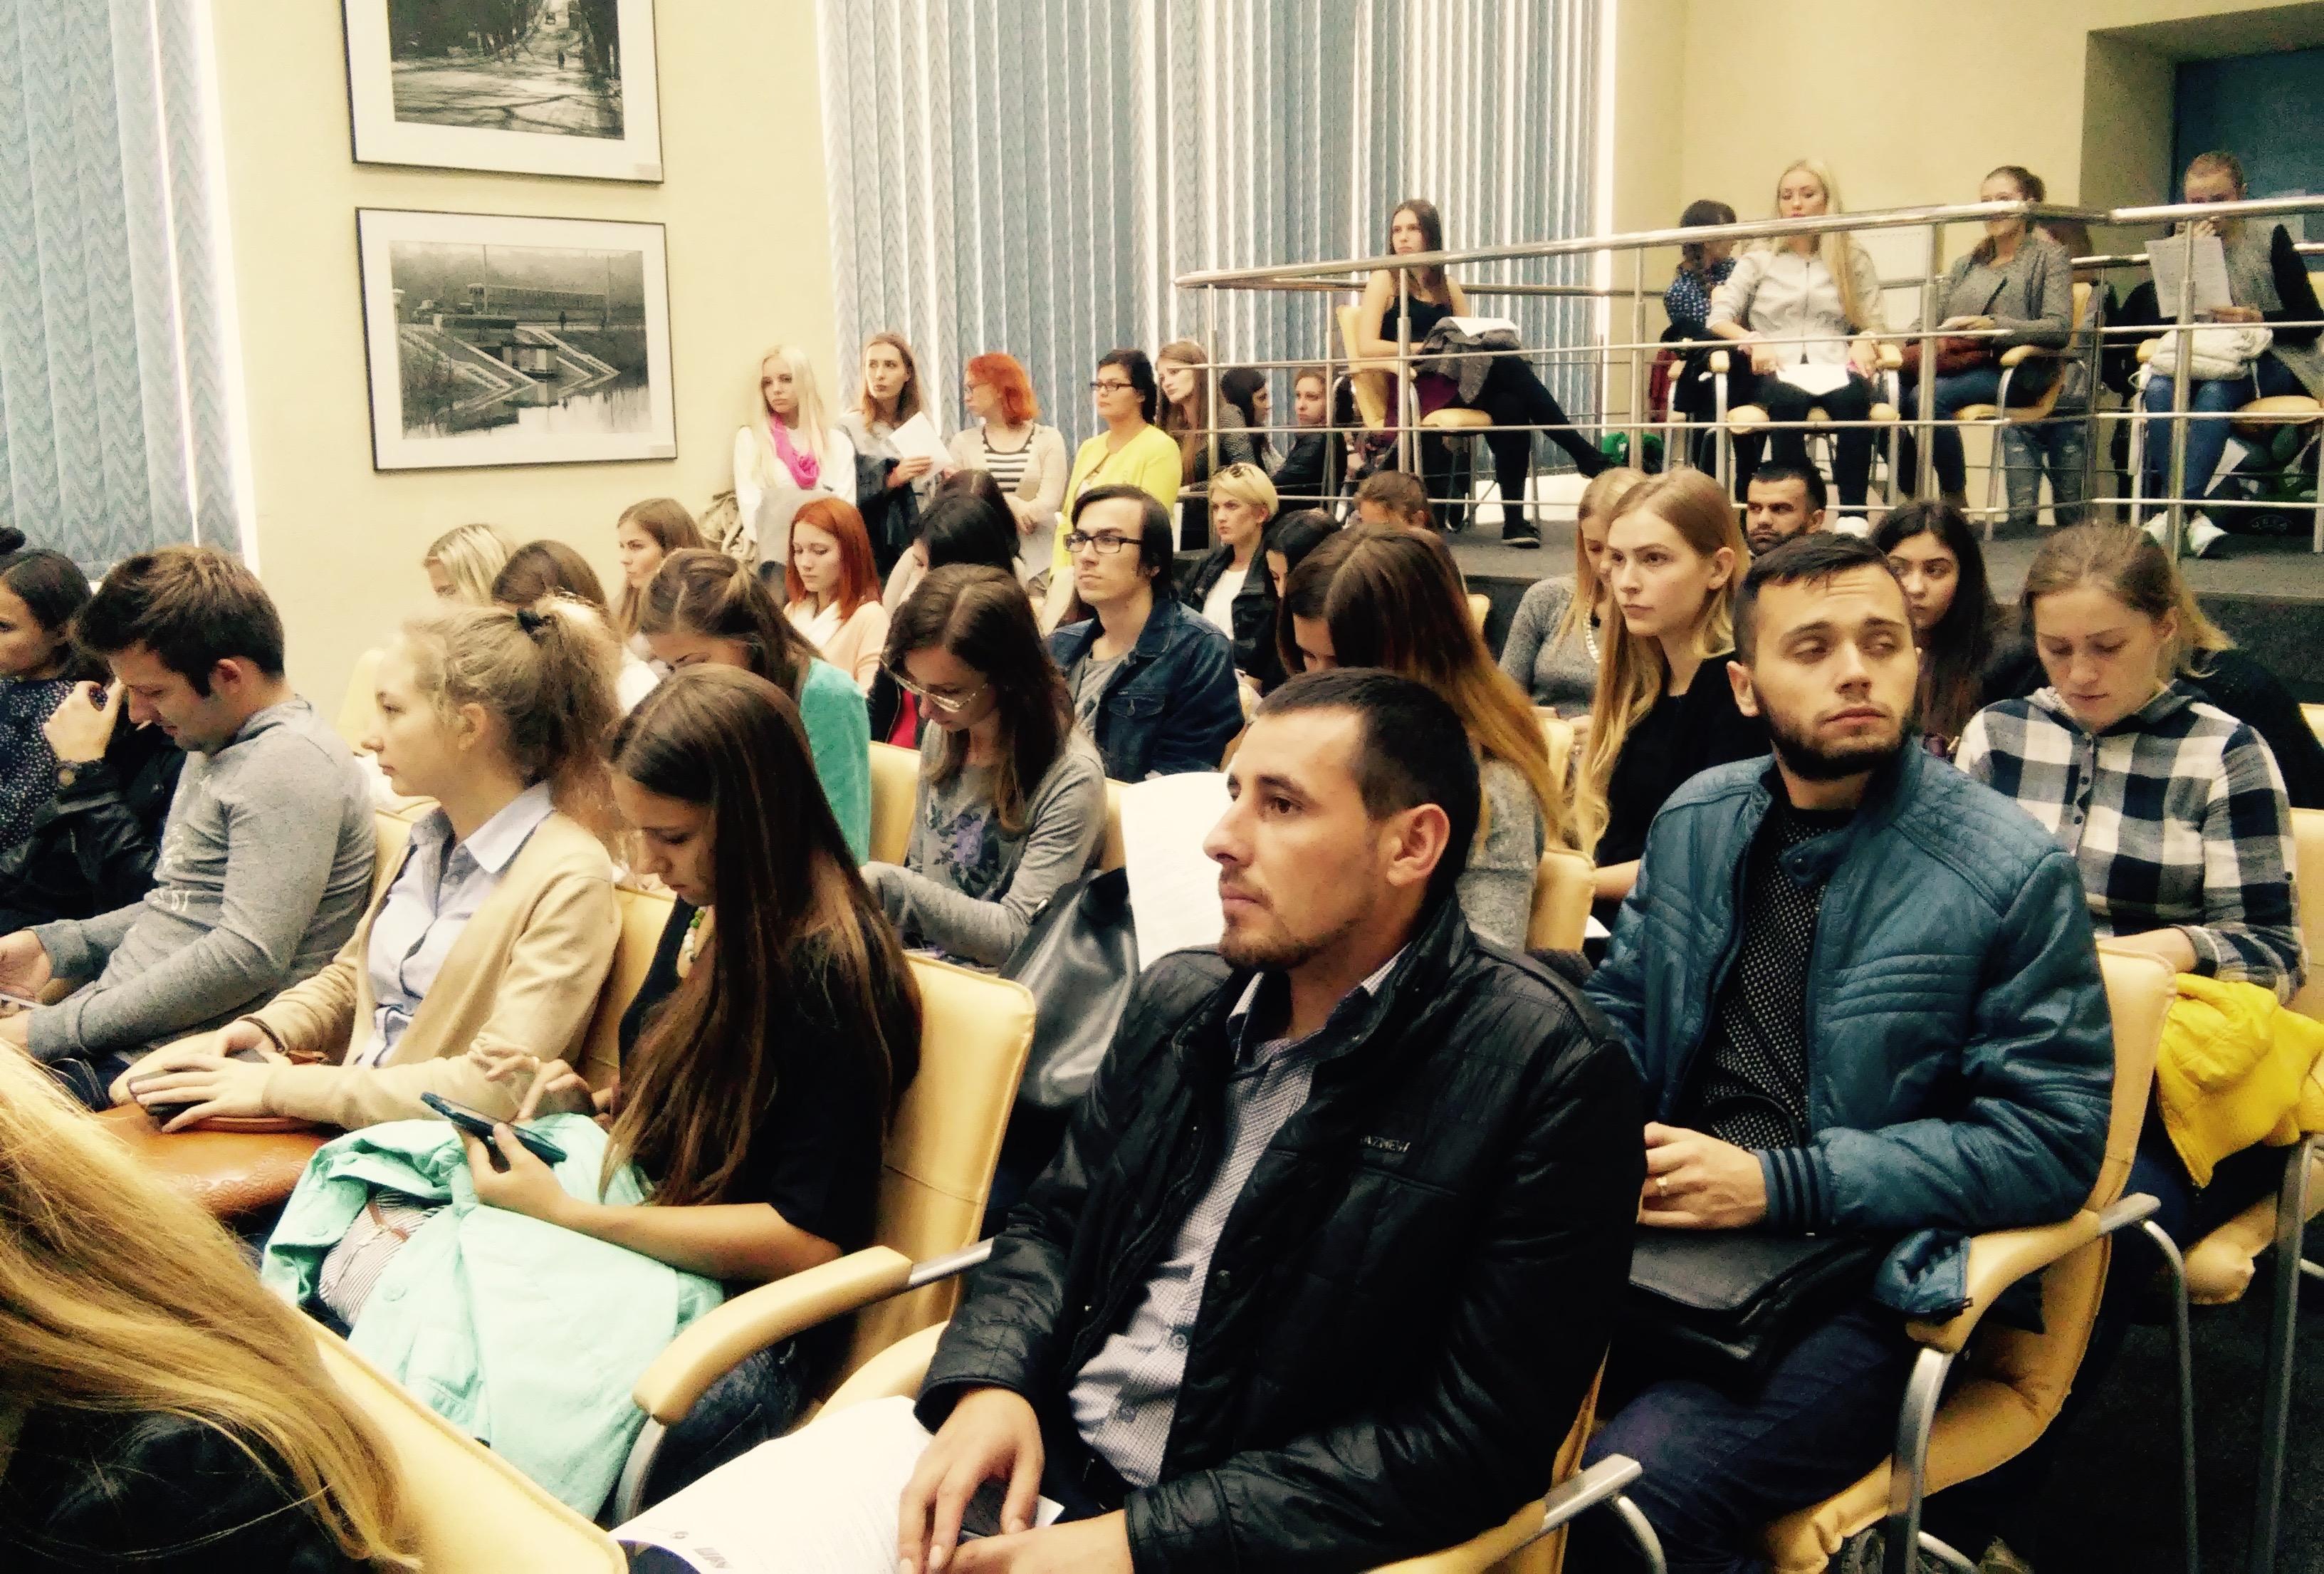 Більше половини аудиторії України не довіряє українським ЗМІ - дослідження Академії української преси